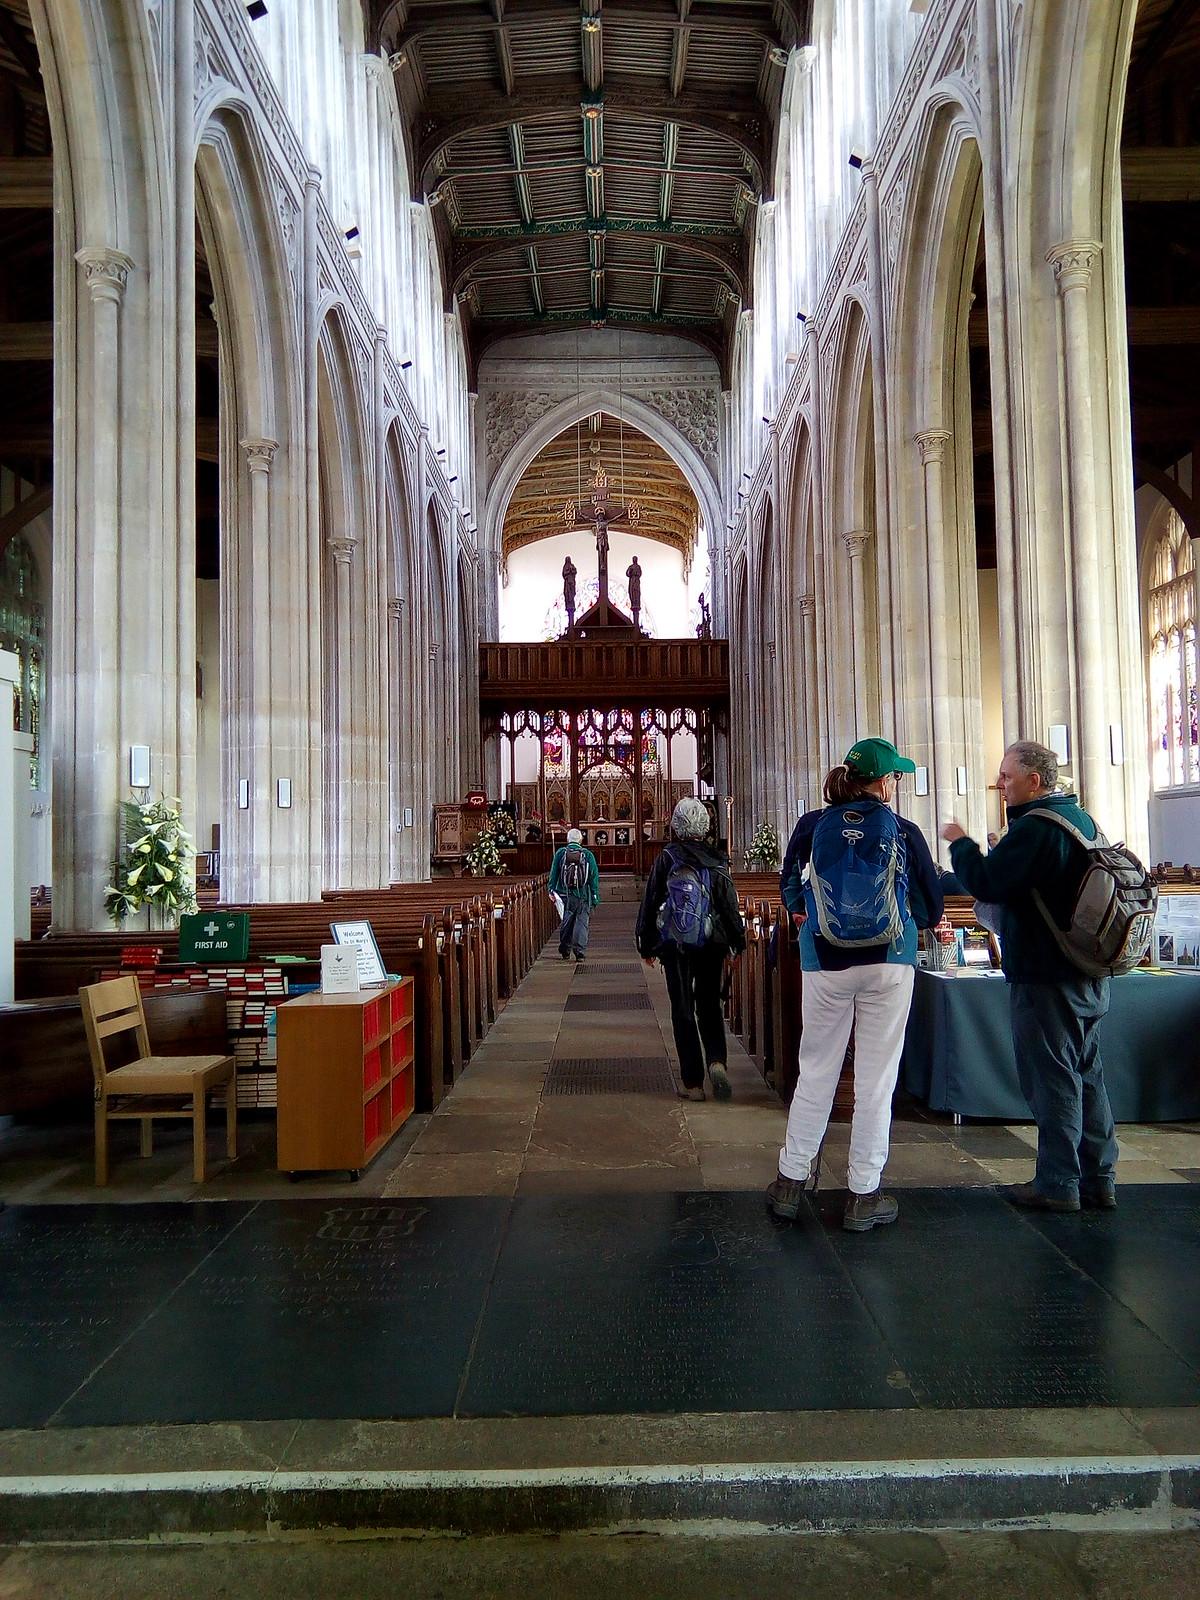 Inside St. Marys Saffron Walden